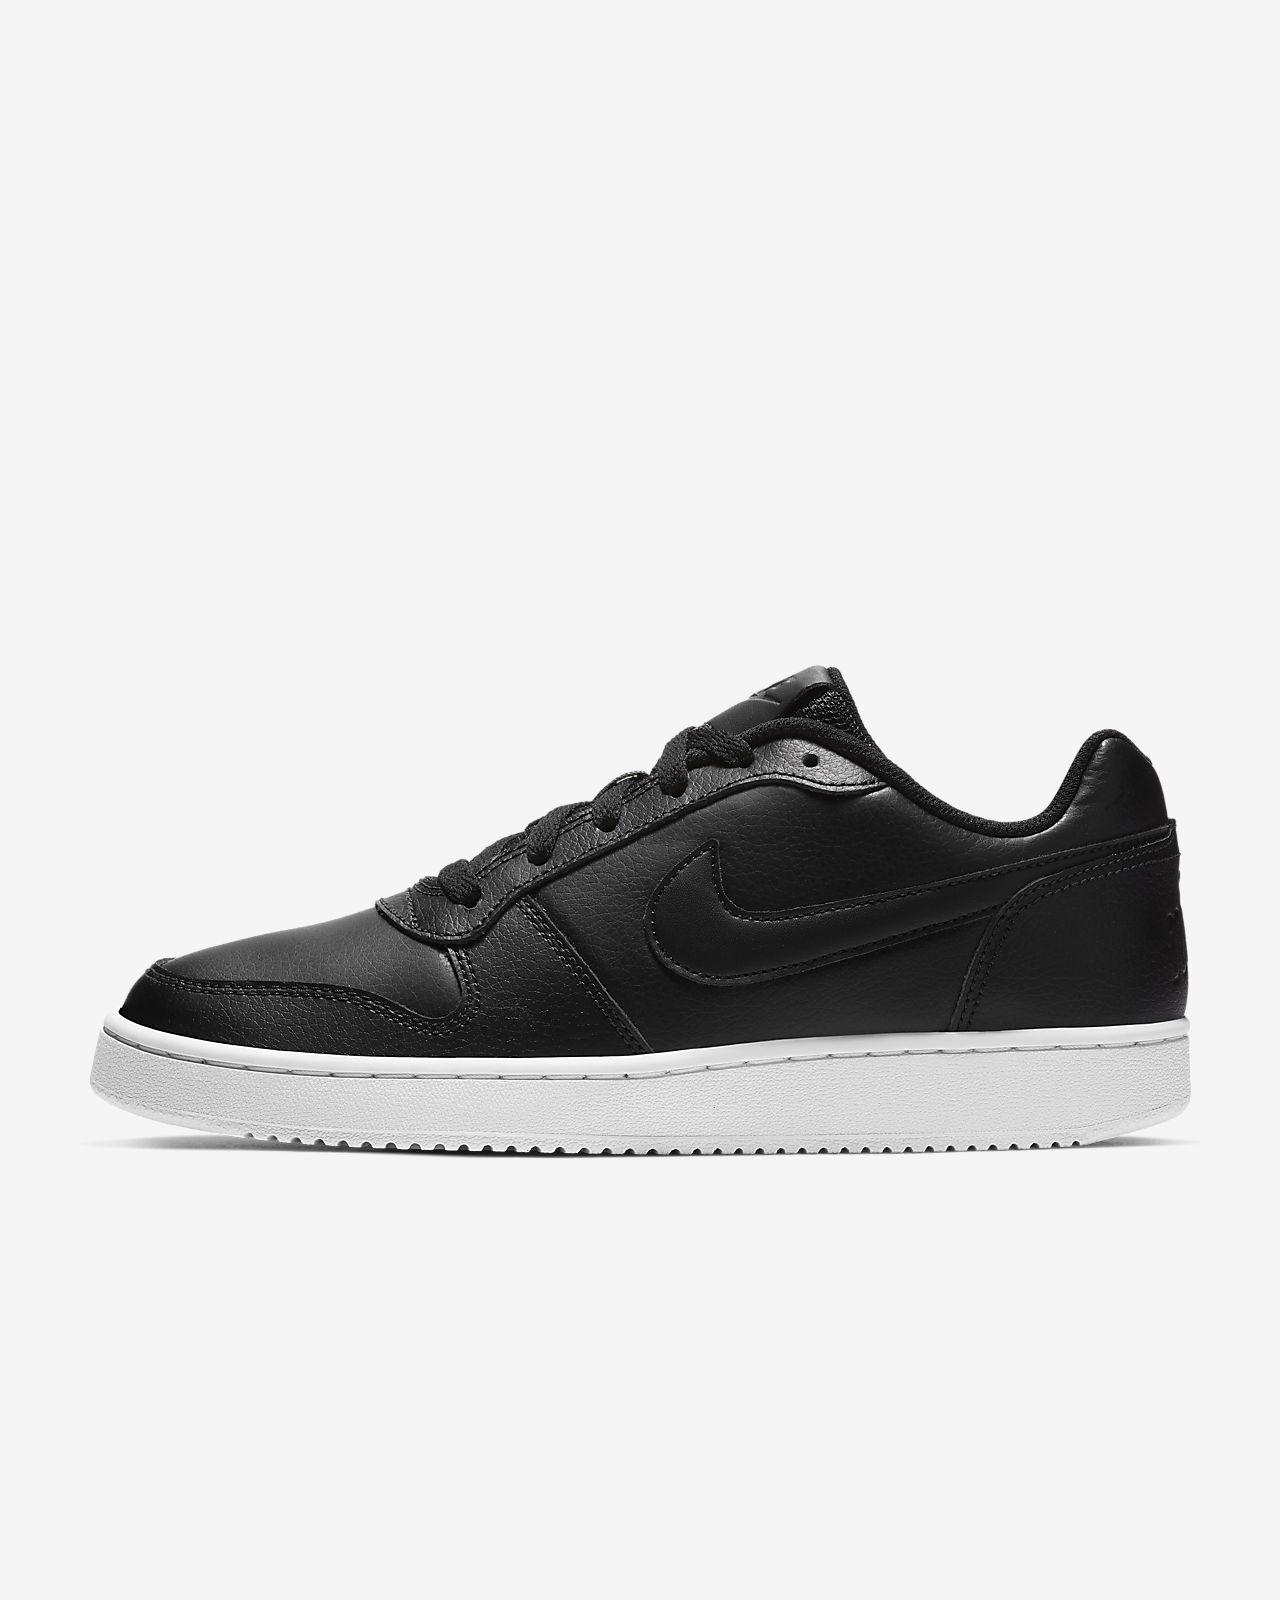 acheter en ligne 9c2e4 af435 Chaussure Nike Ebernon Low pour Femme